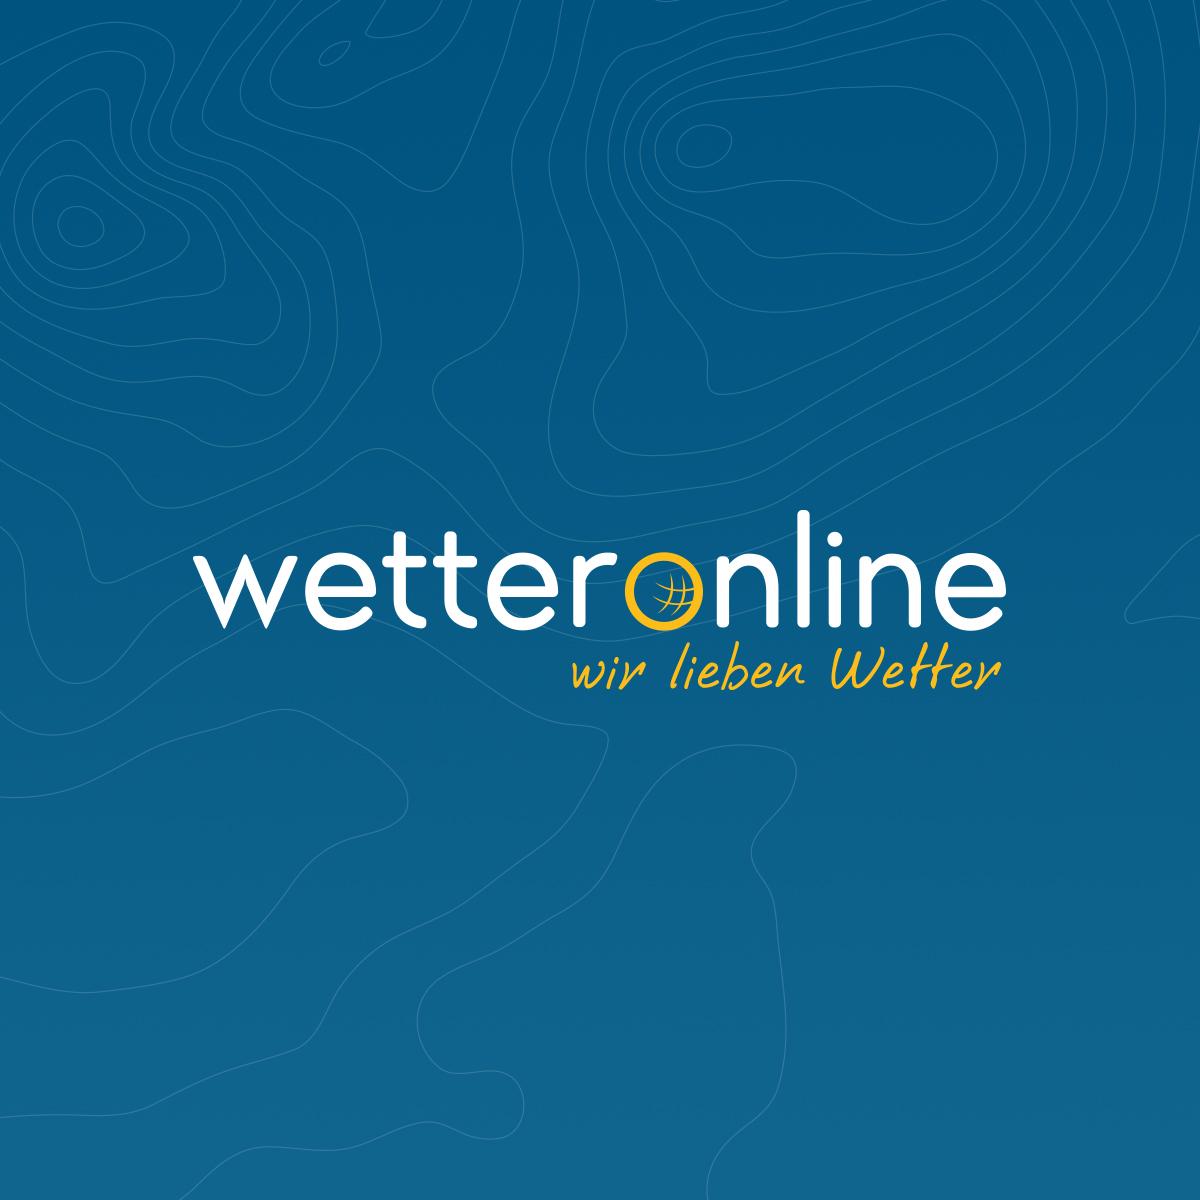 (c) Wetteronline.de